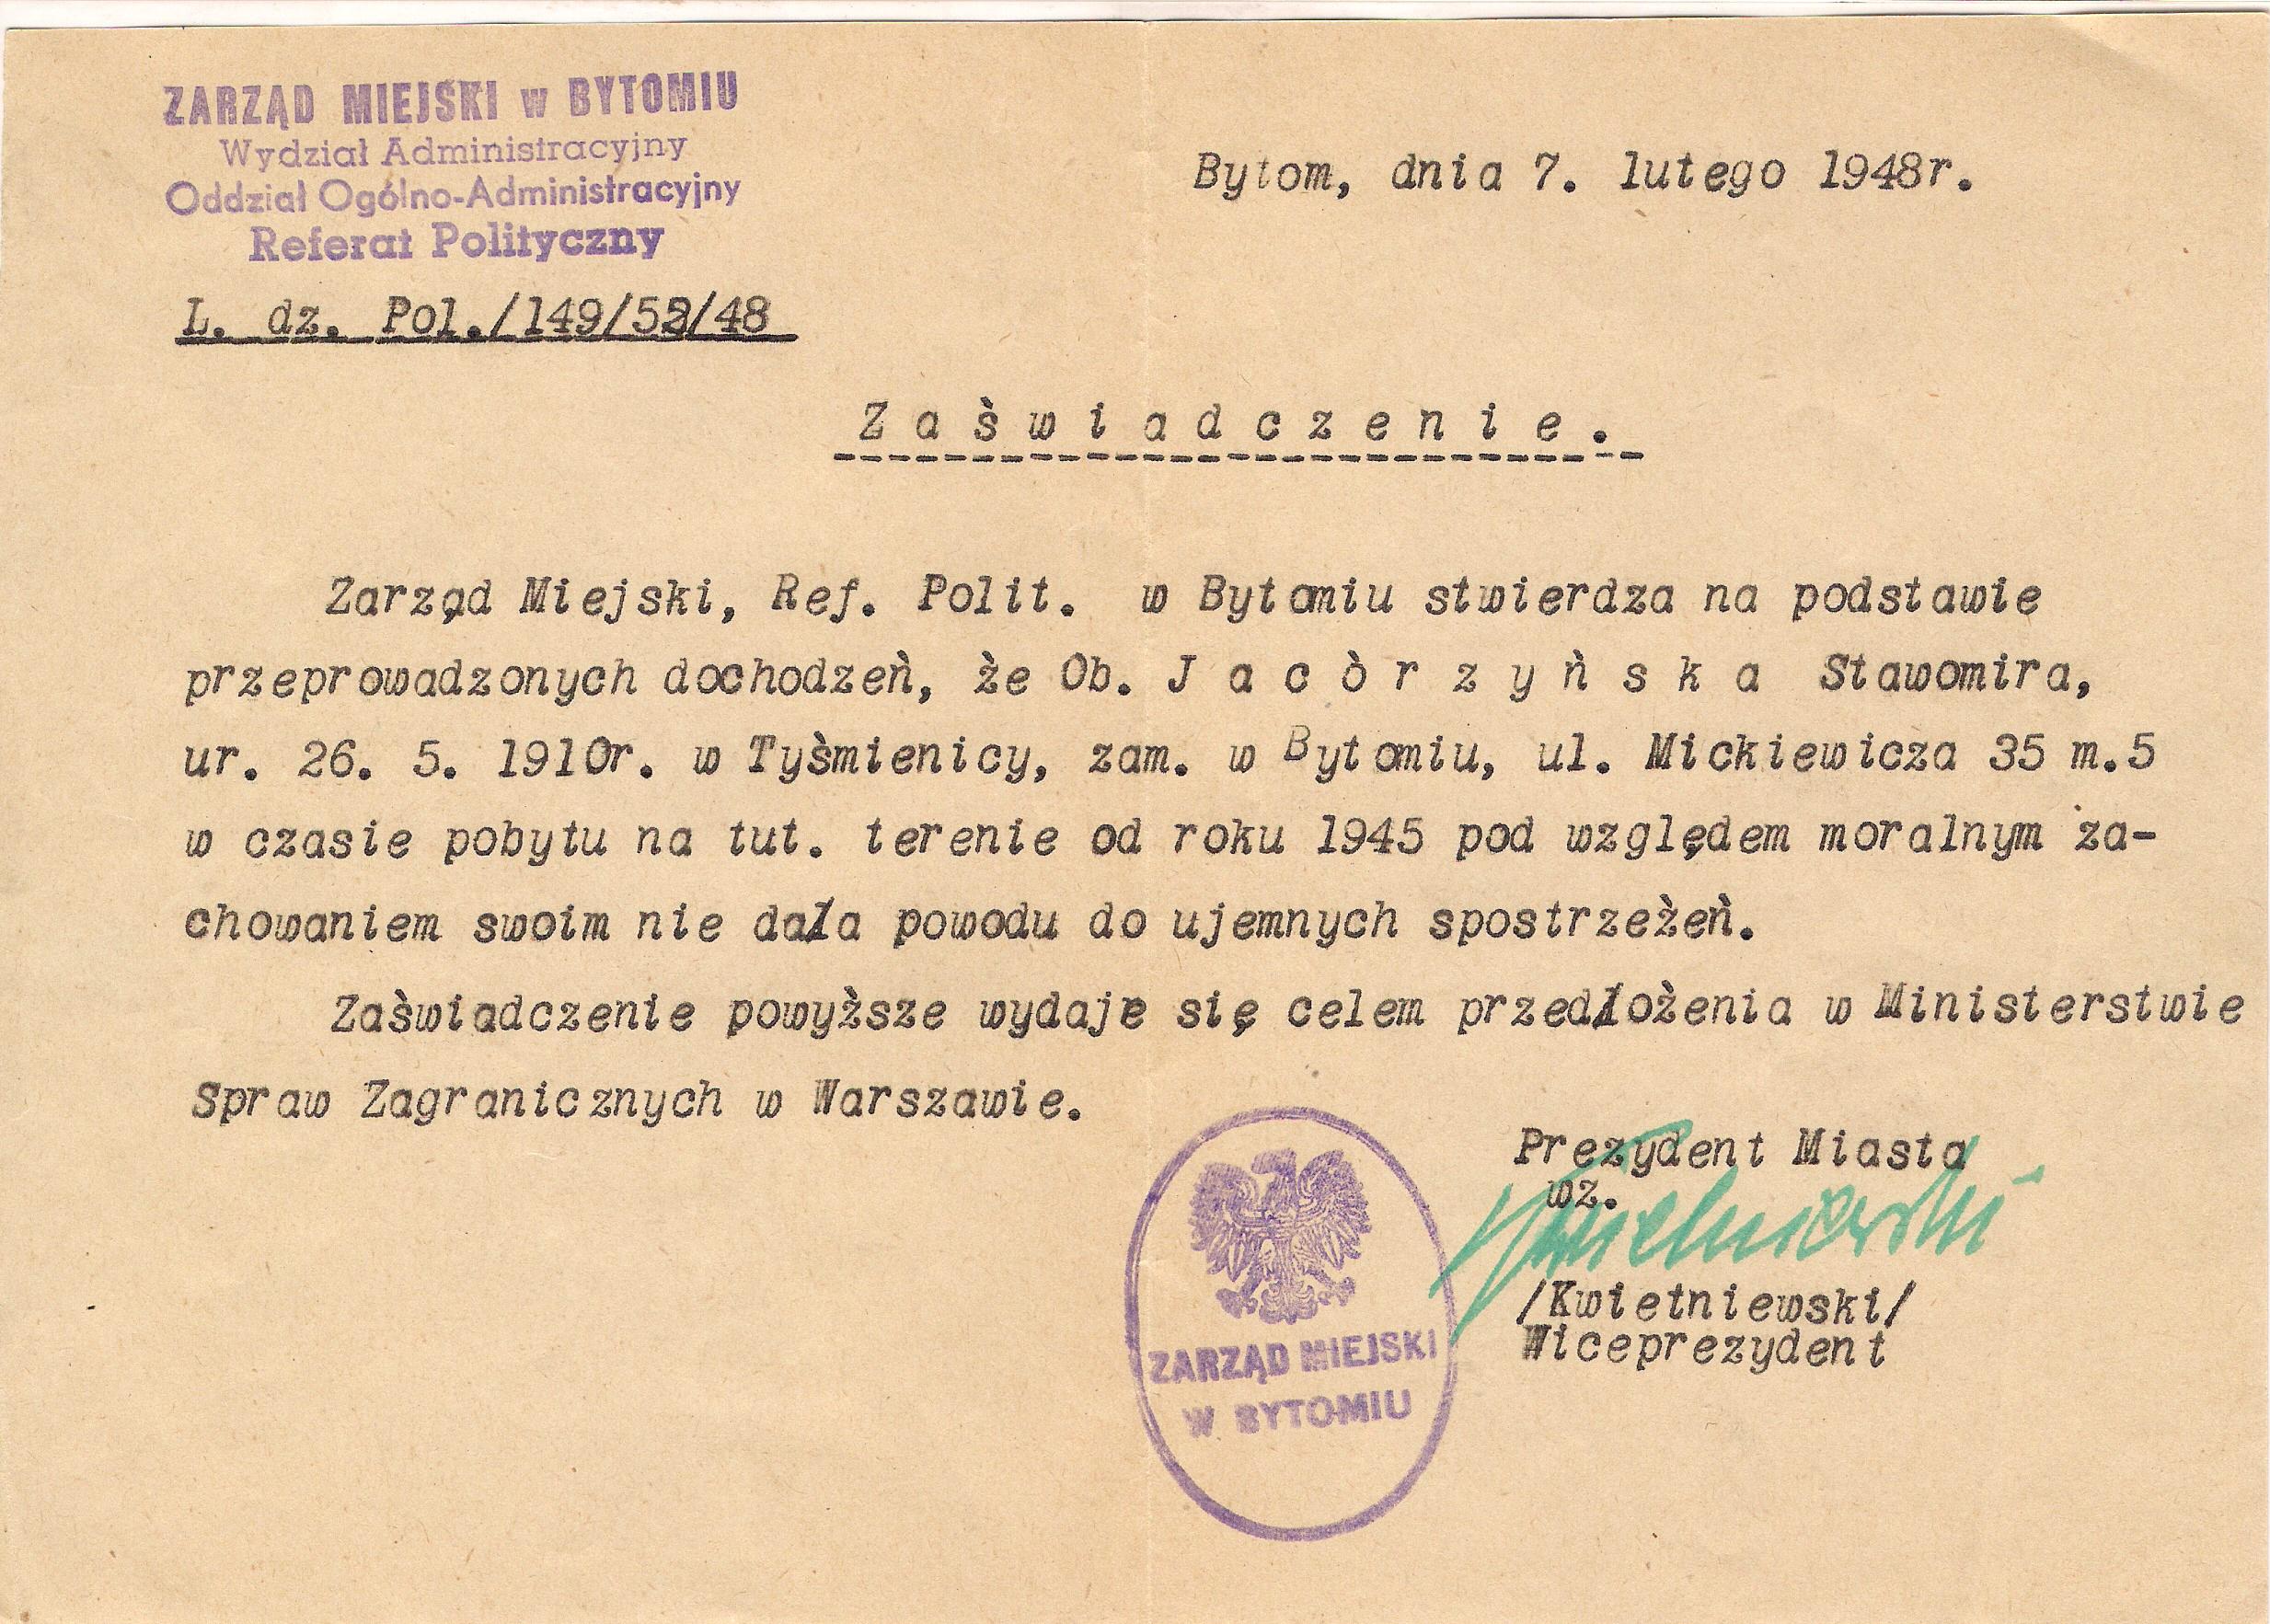 Sławomira002